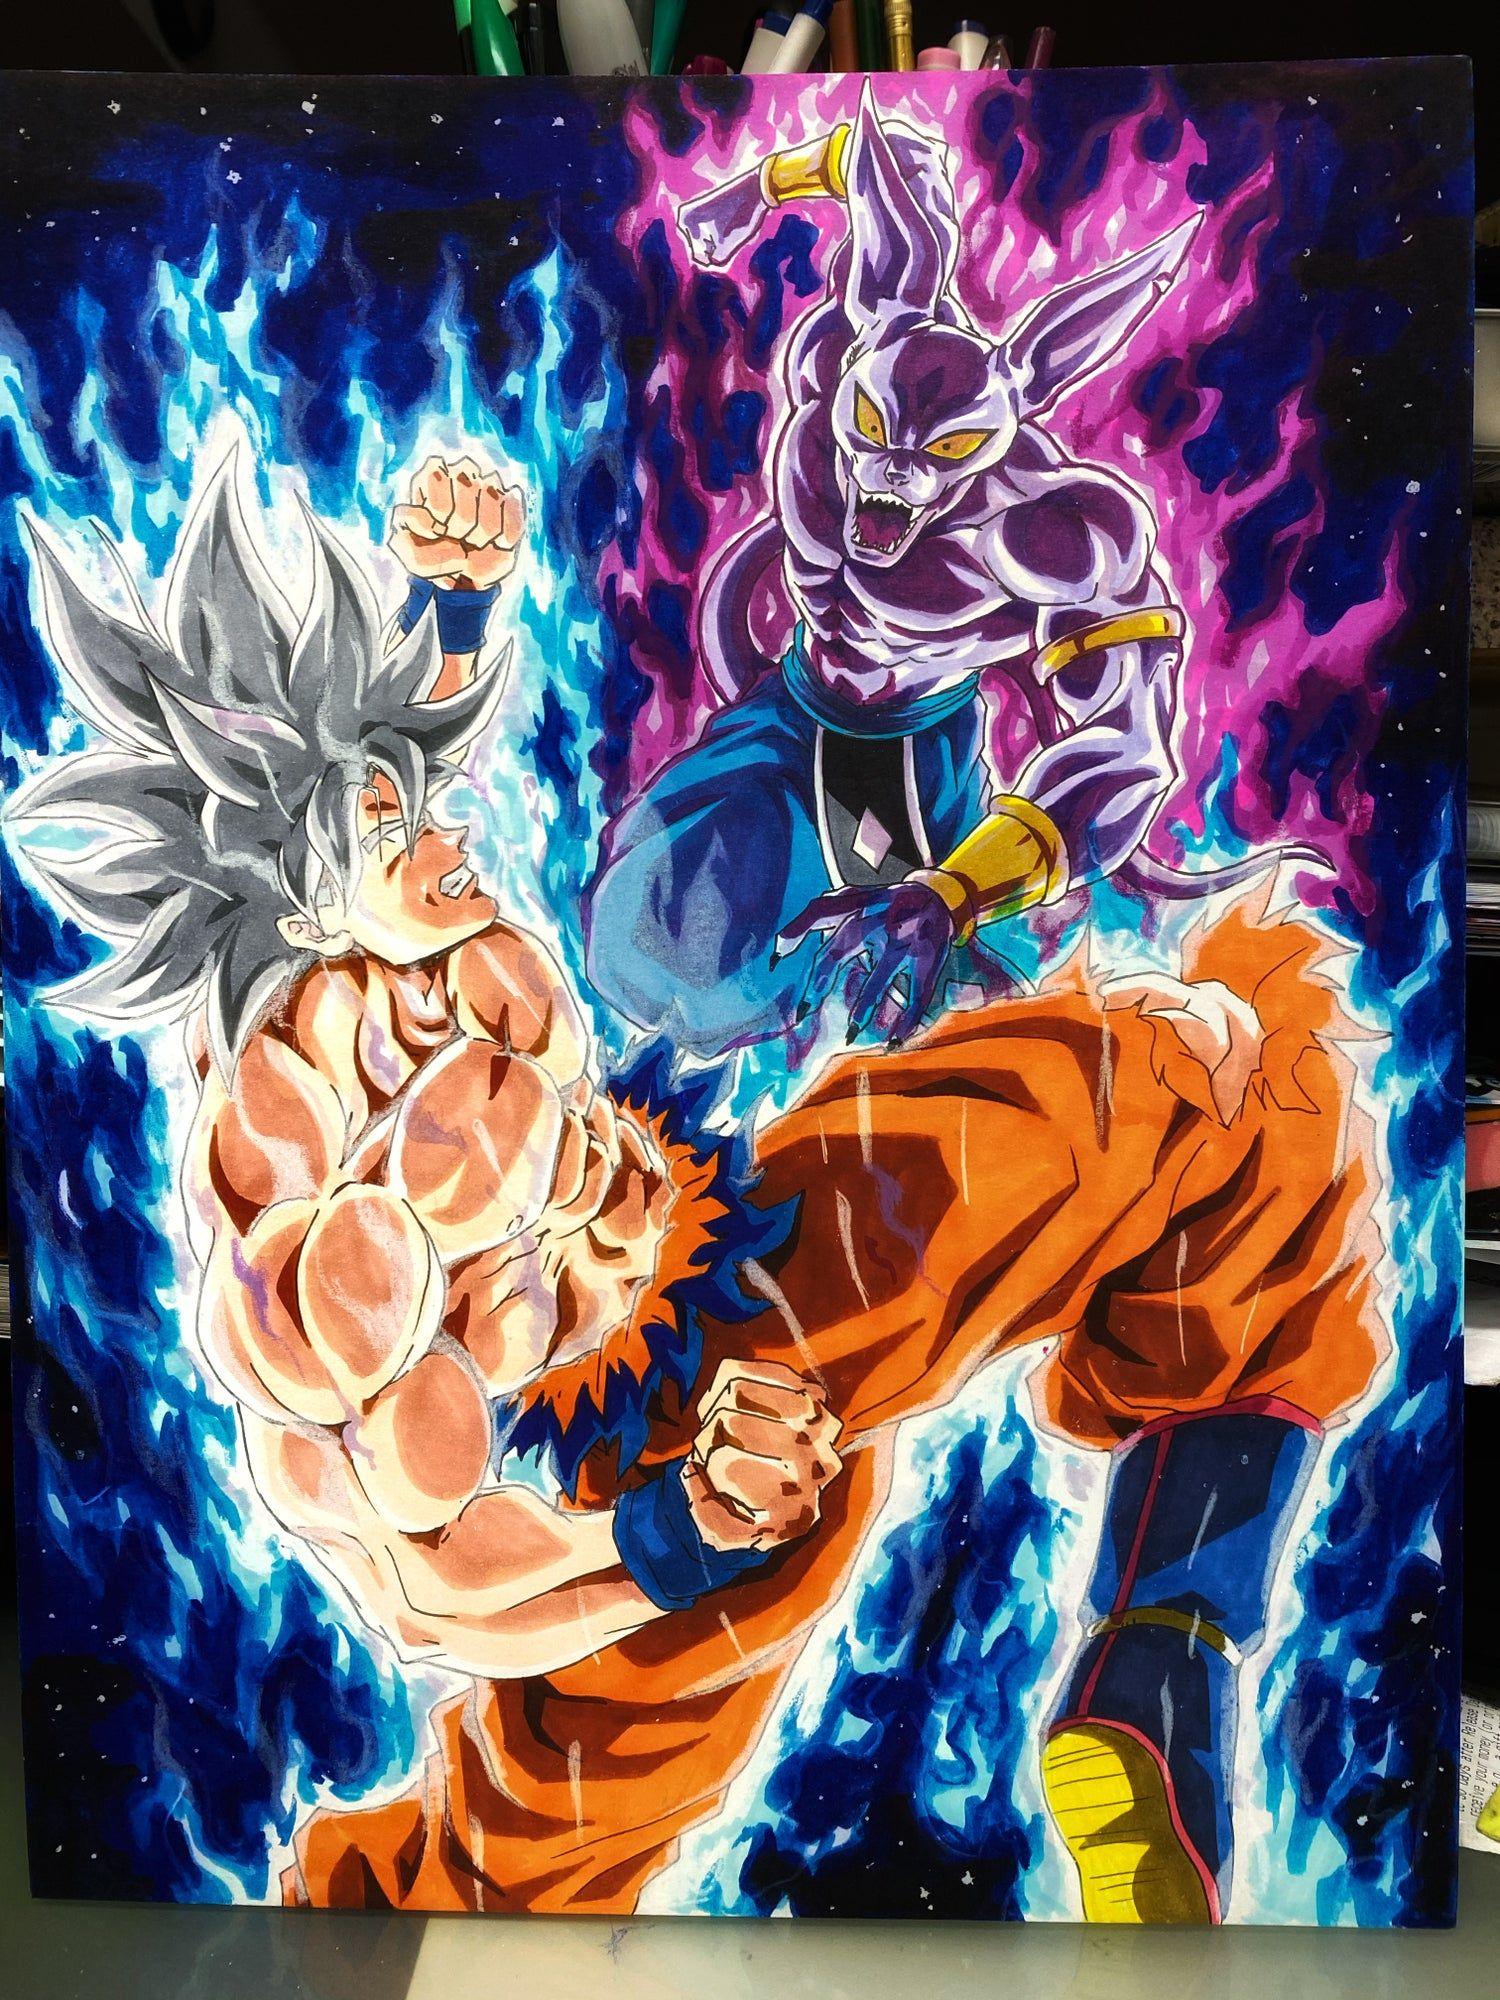 Mui Goku Vs Full Power Beerus Unic Artwork Dragon Ball Artwork Anime Dragon Ball Super Dragon Ball Art